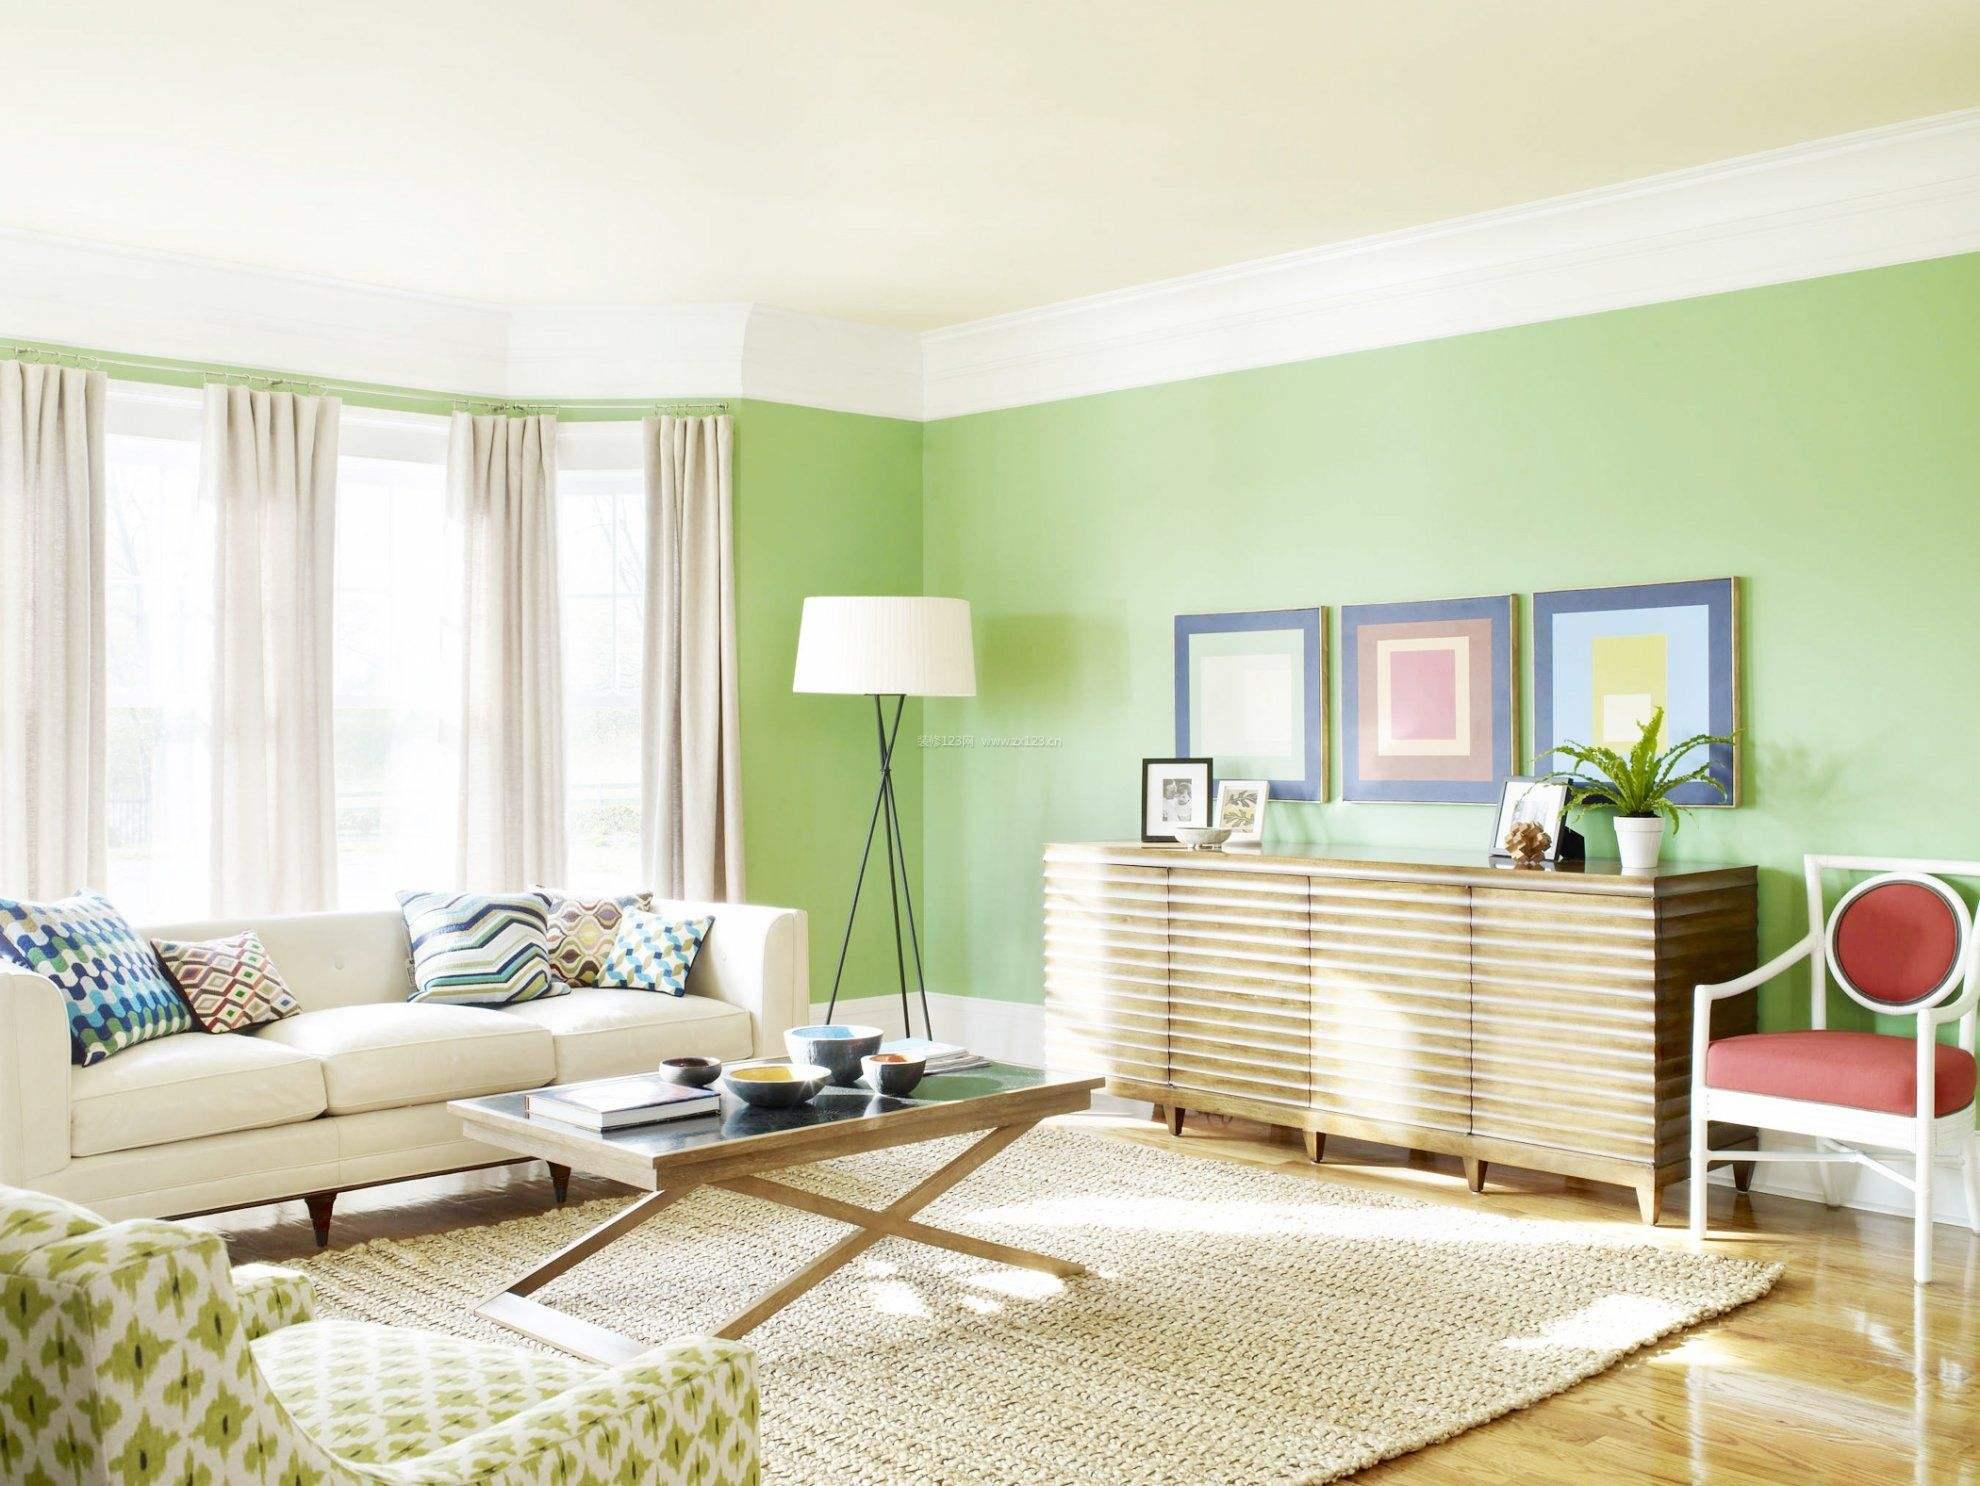 客厅窗帘如何选择 选购客厅窗帘注意事项